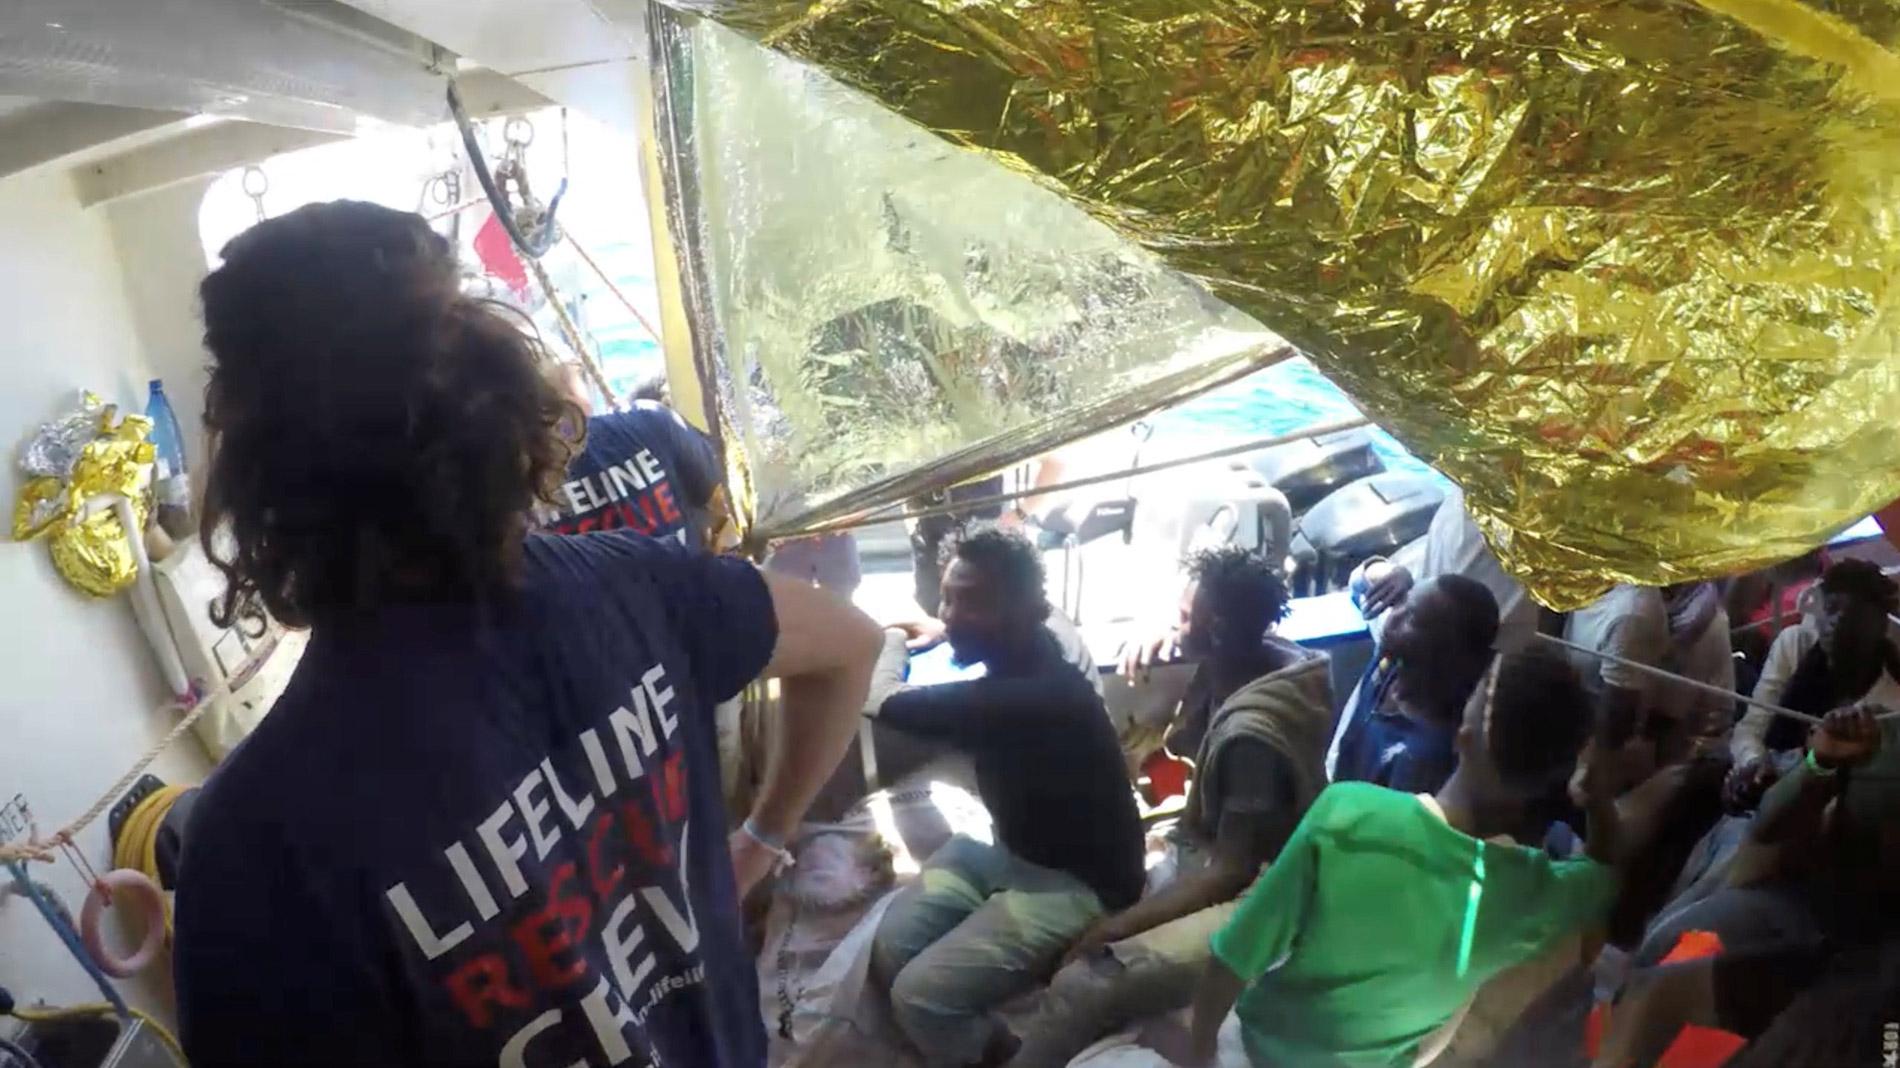 El Lifeline aguarda permiso para desembarcar en algún puerto europeo